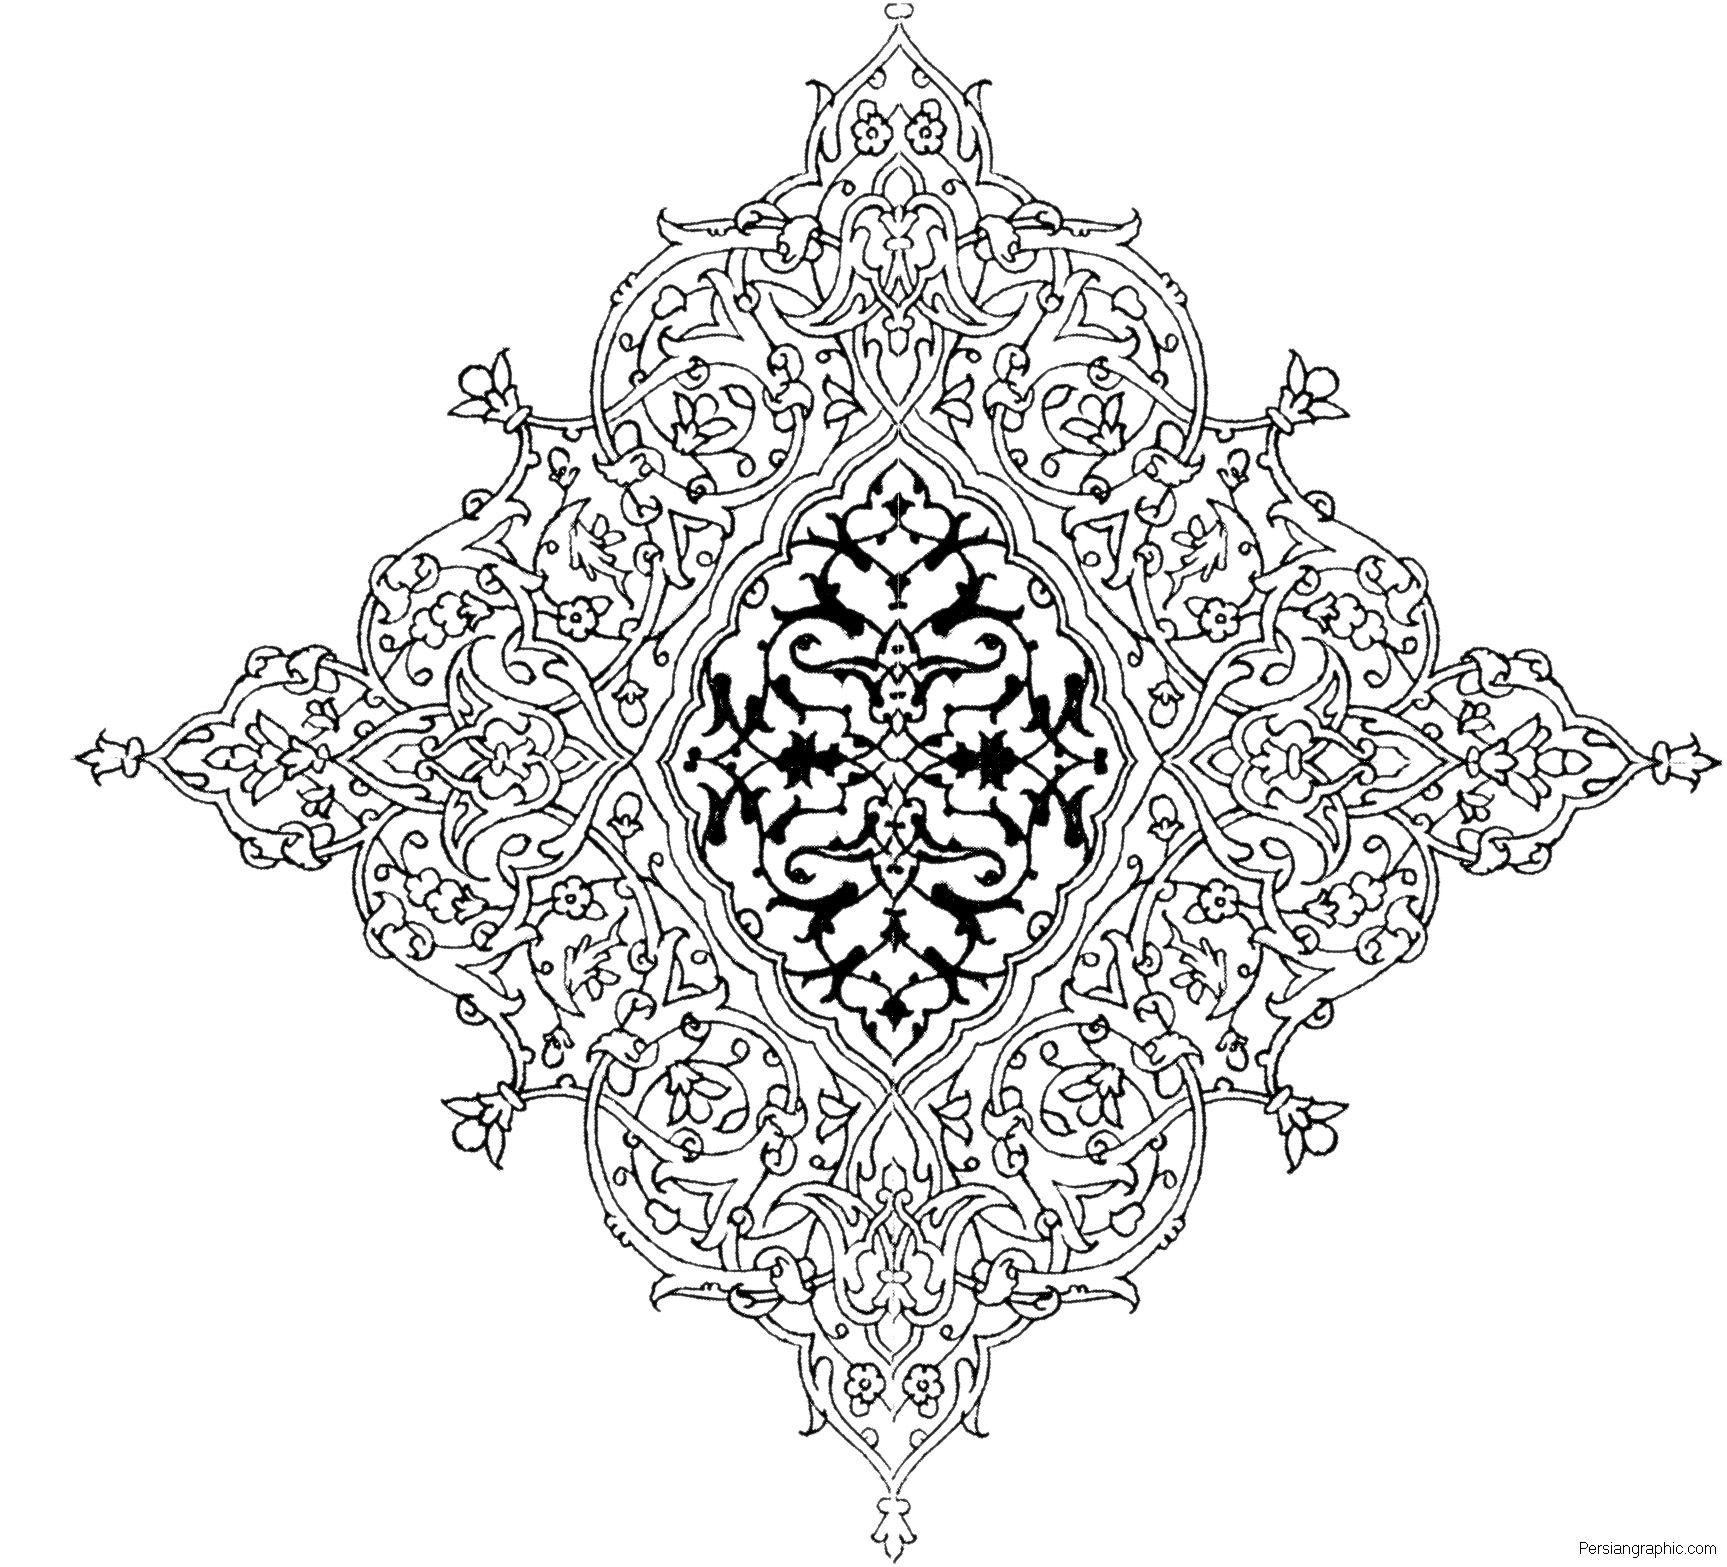 eslimi_25_20091020_1129884660.jpg (1727×1567)